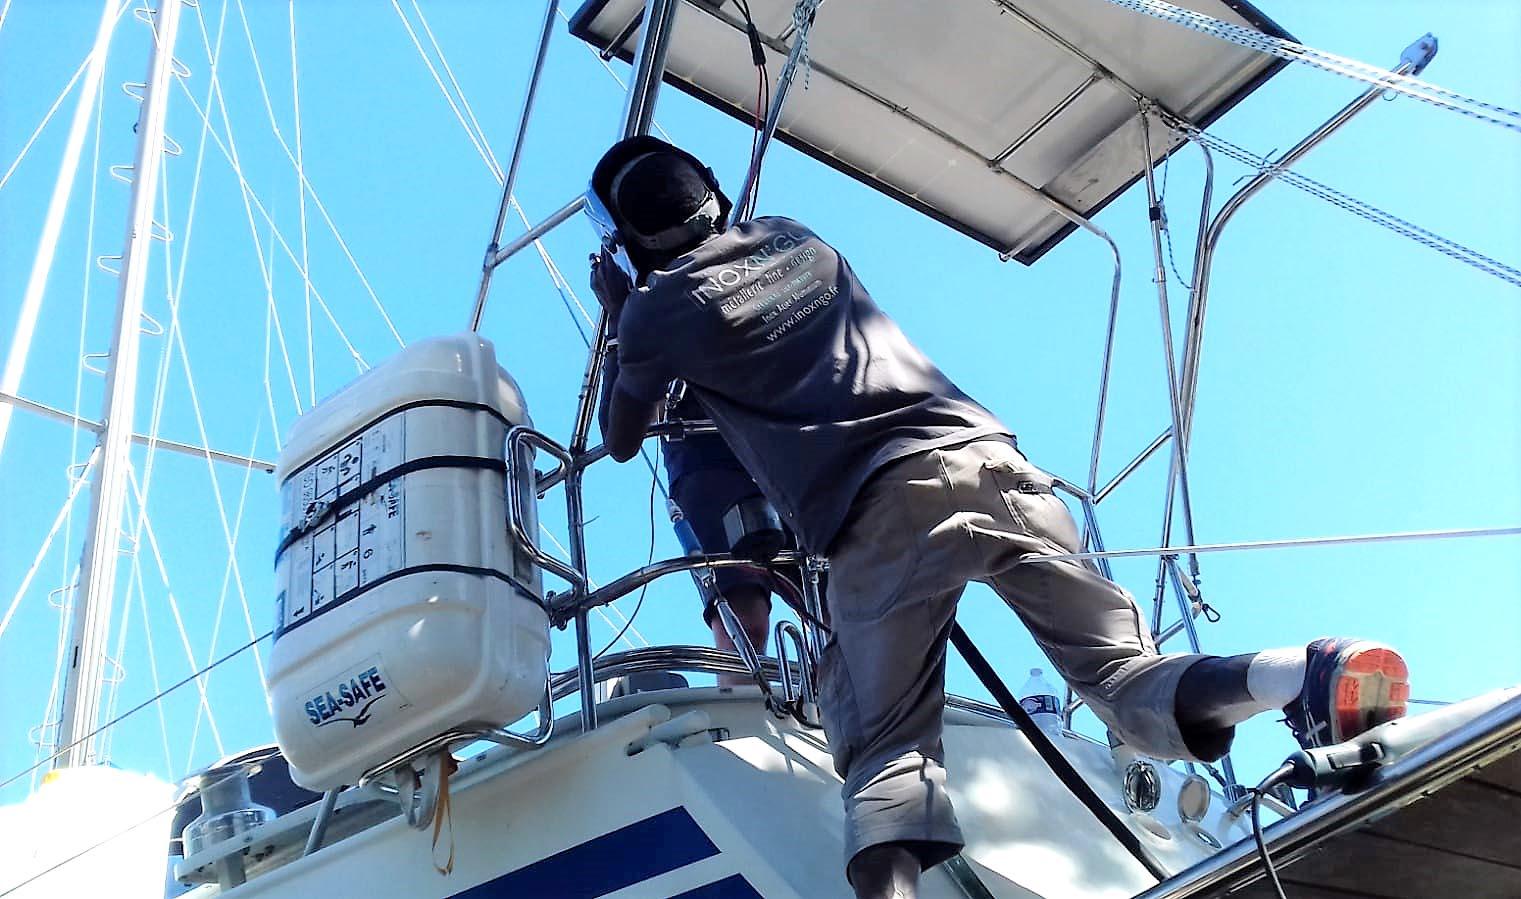 Inox-N'go-ferronnier-Marseille-support inox bateau-02